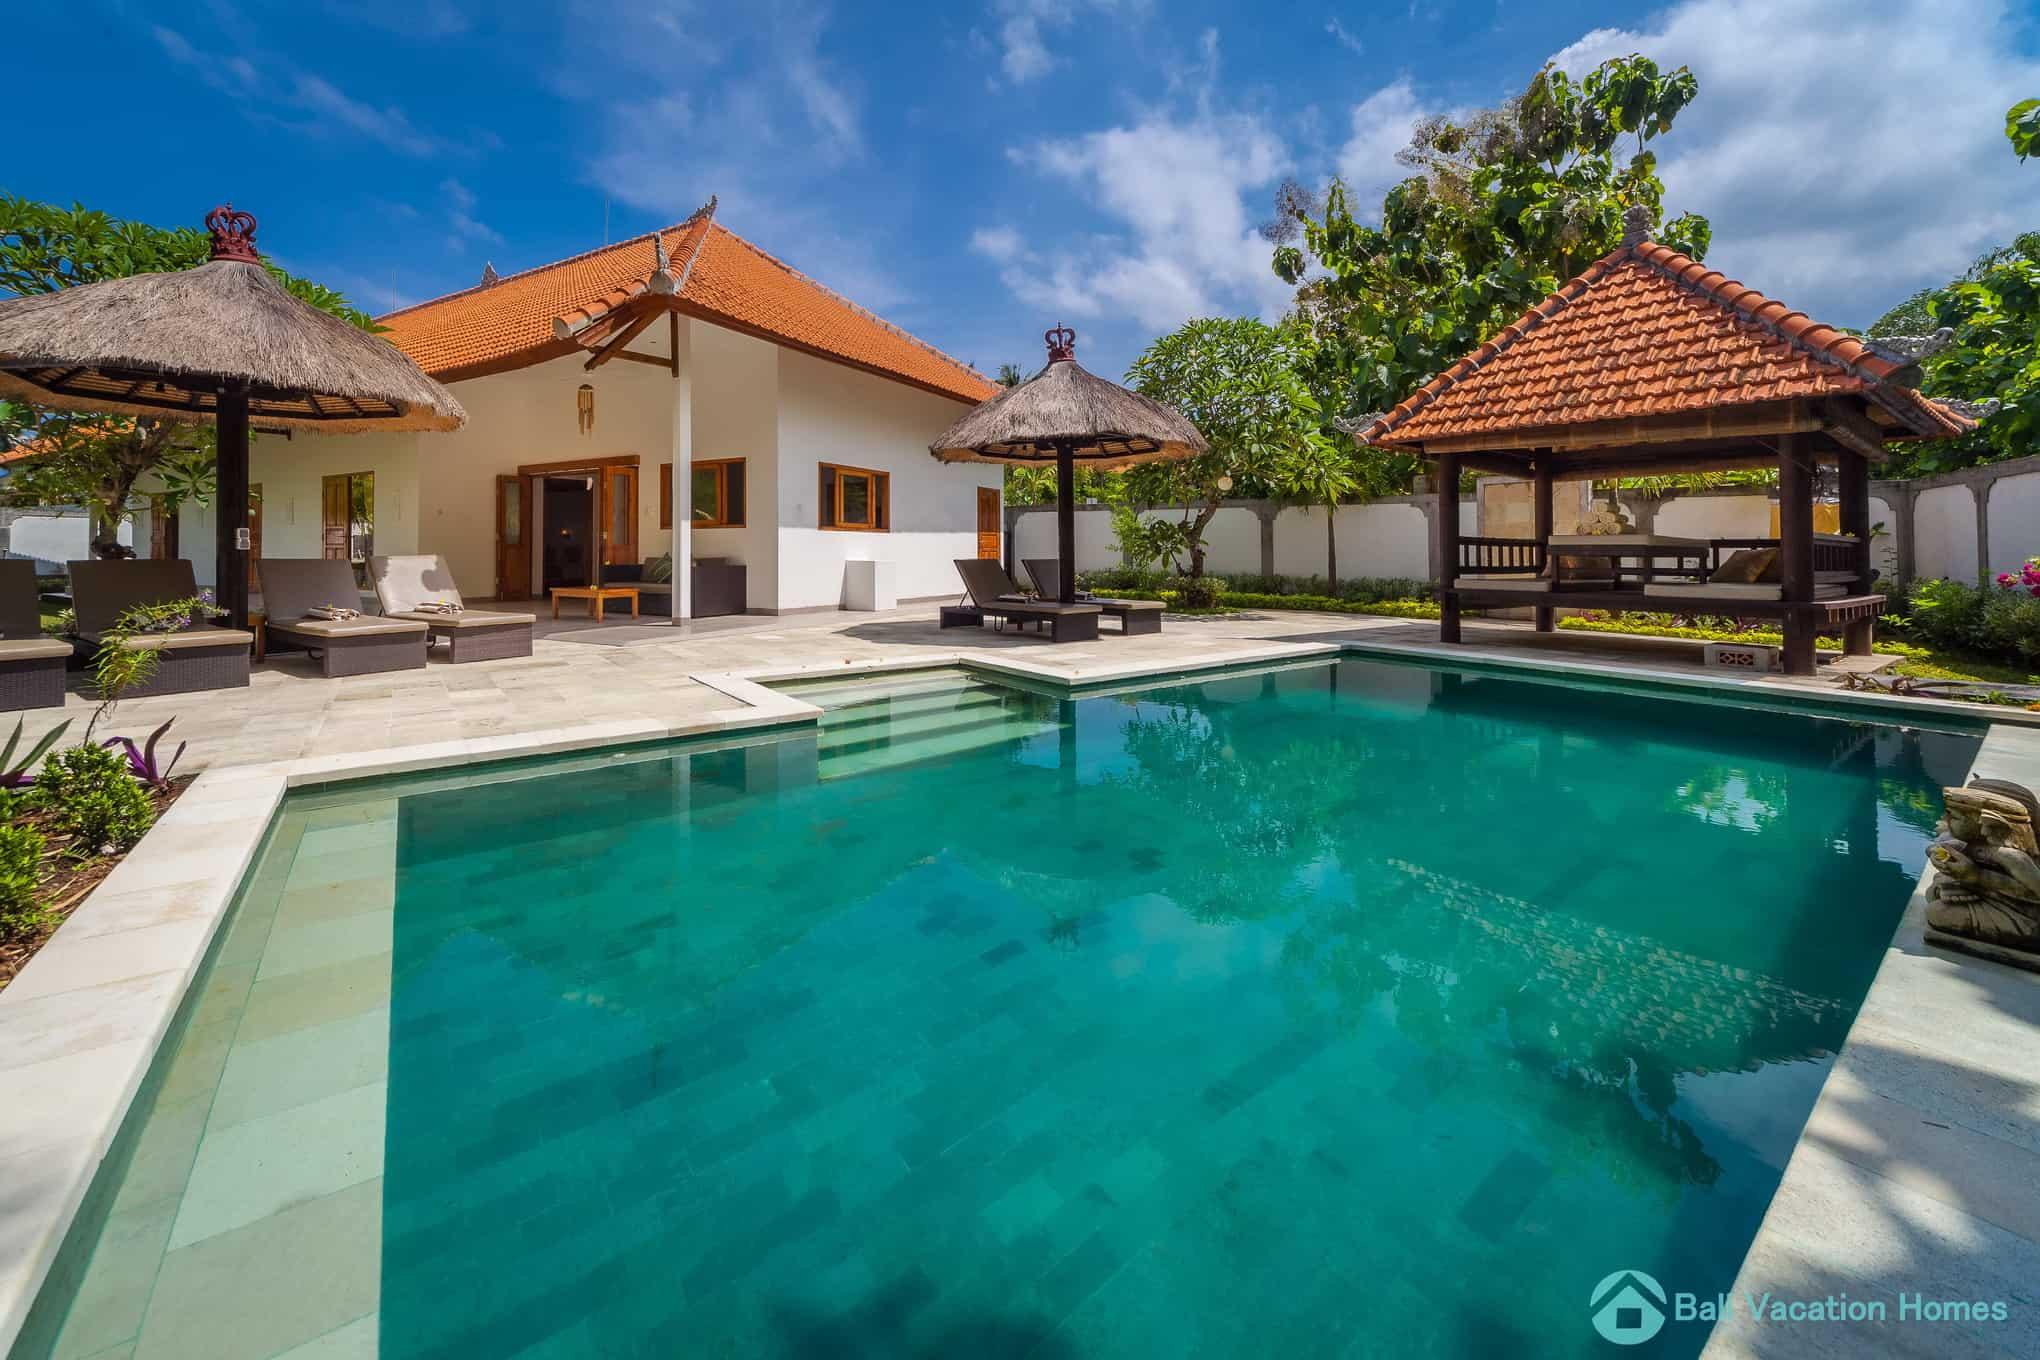 villa udara bali vacation homes